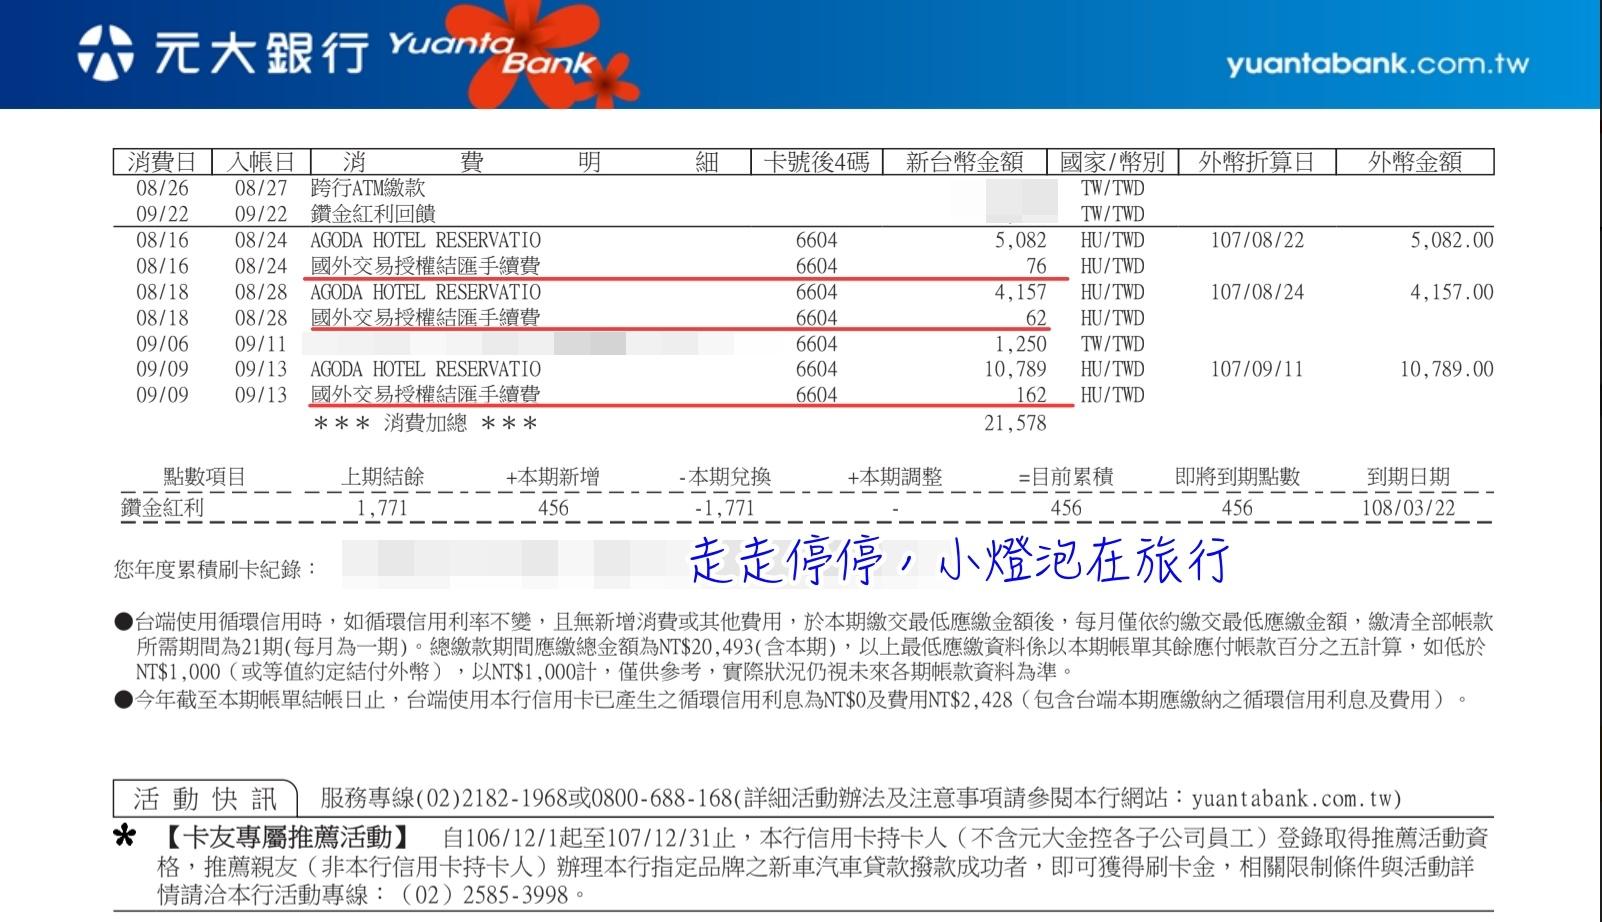 即時熱門文章:Agoda訂房國際海外刷卡手續費如何申請退費補償?